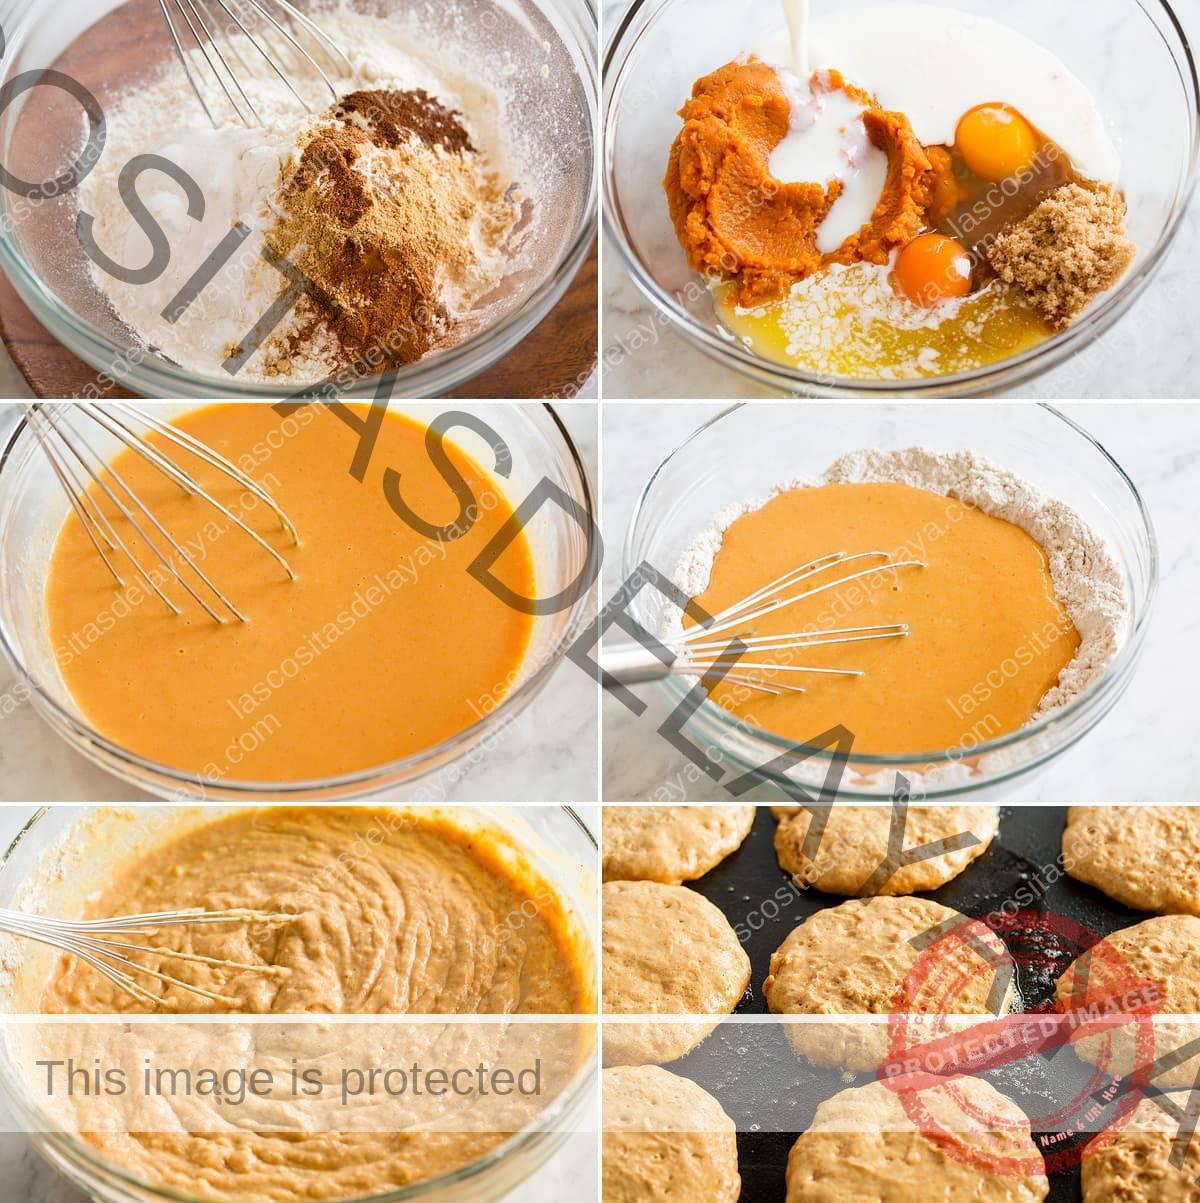 Collage de seis imágenes que muestran los pasos para hacer panqueques de calabaza.  Los condimentos y la harina se mezclan en un bol.  Los ingredientes húmedos se mezclan en otro y luego se combinan.  Luego, la masa se muestra transformada en panqueques en una sartén.